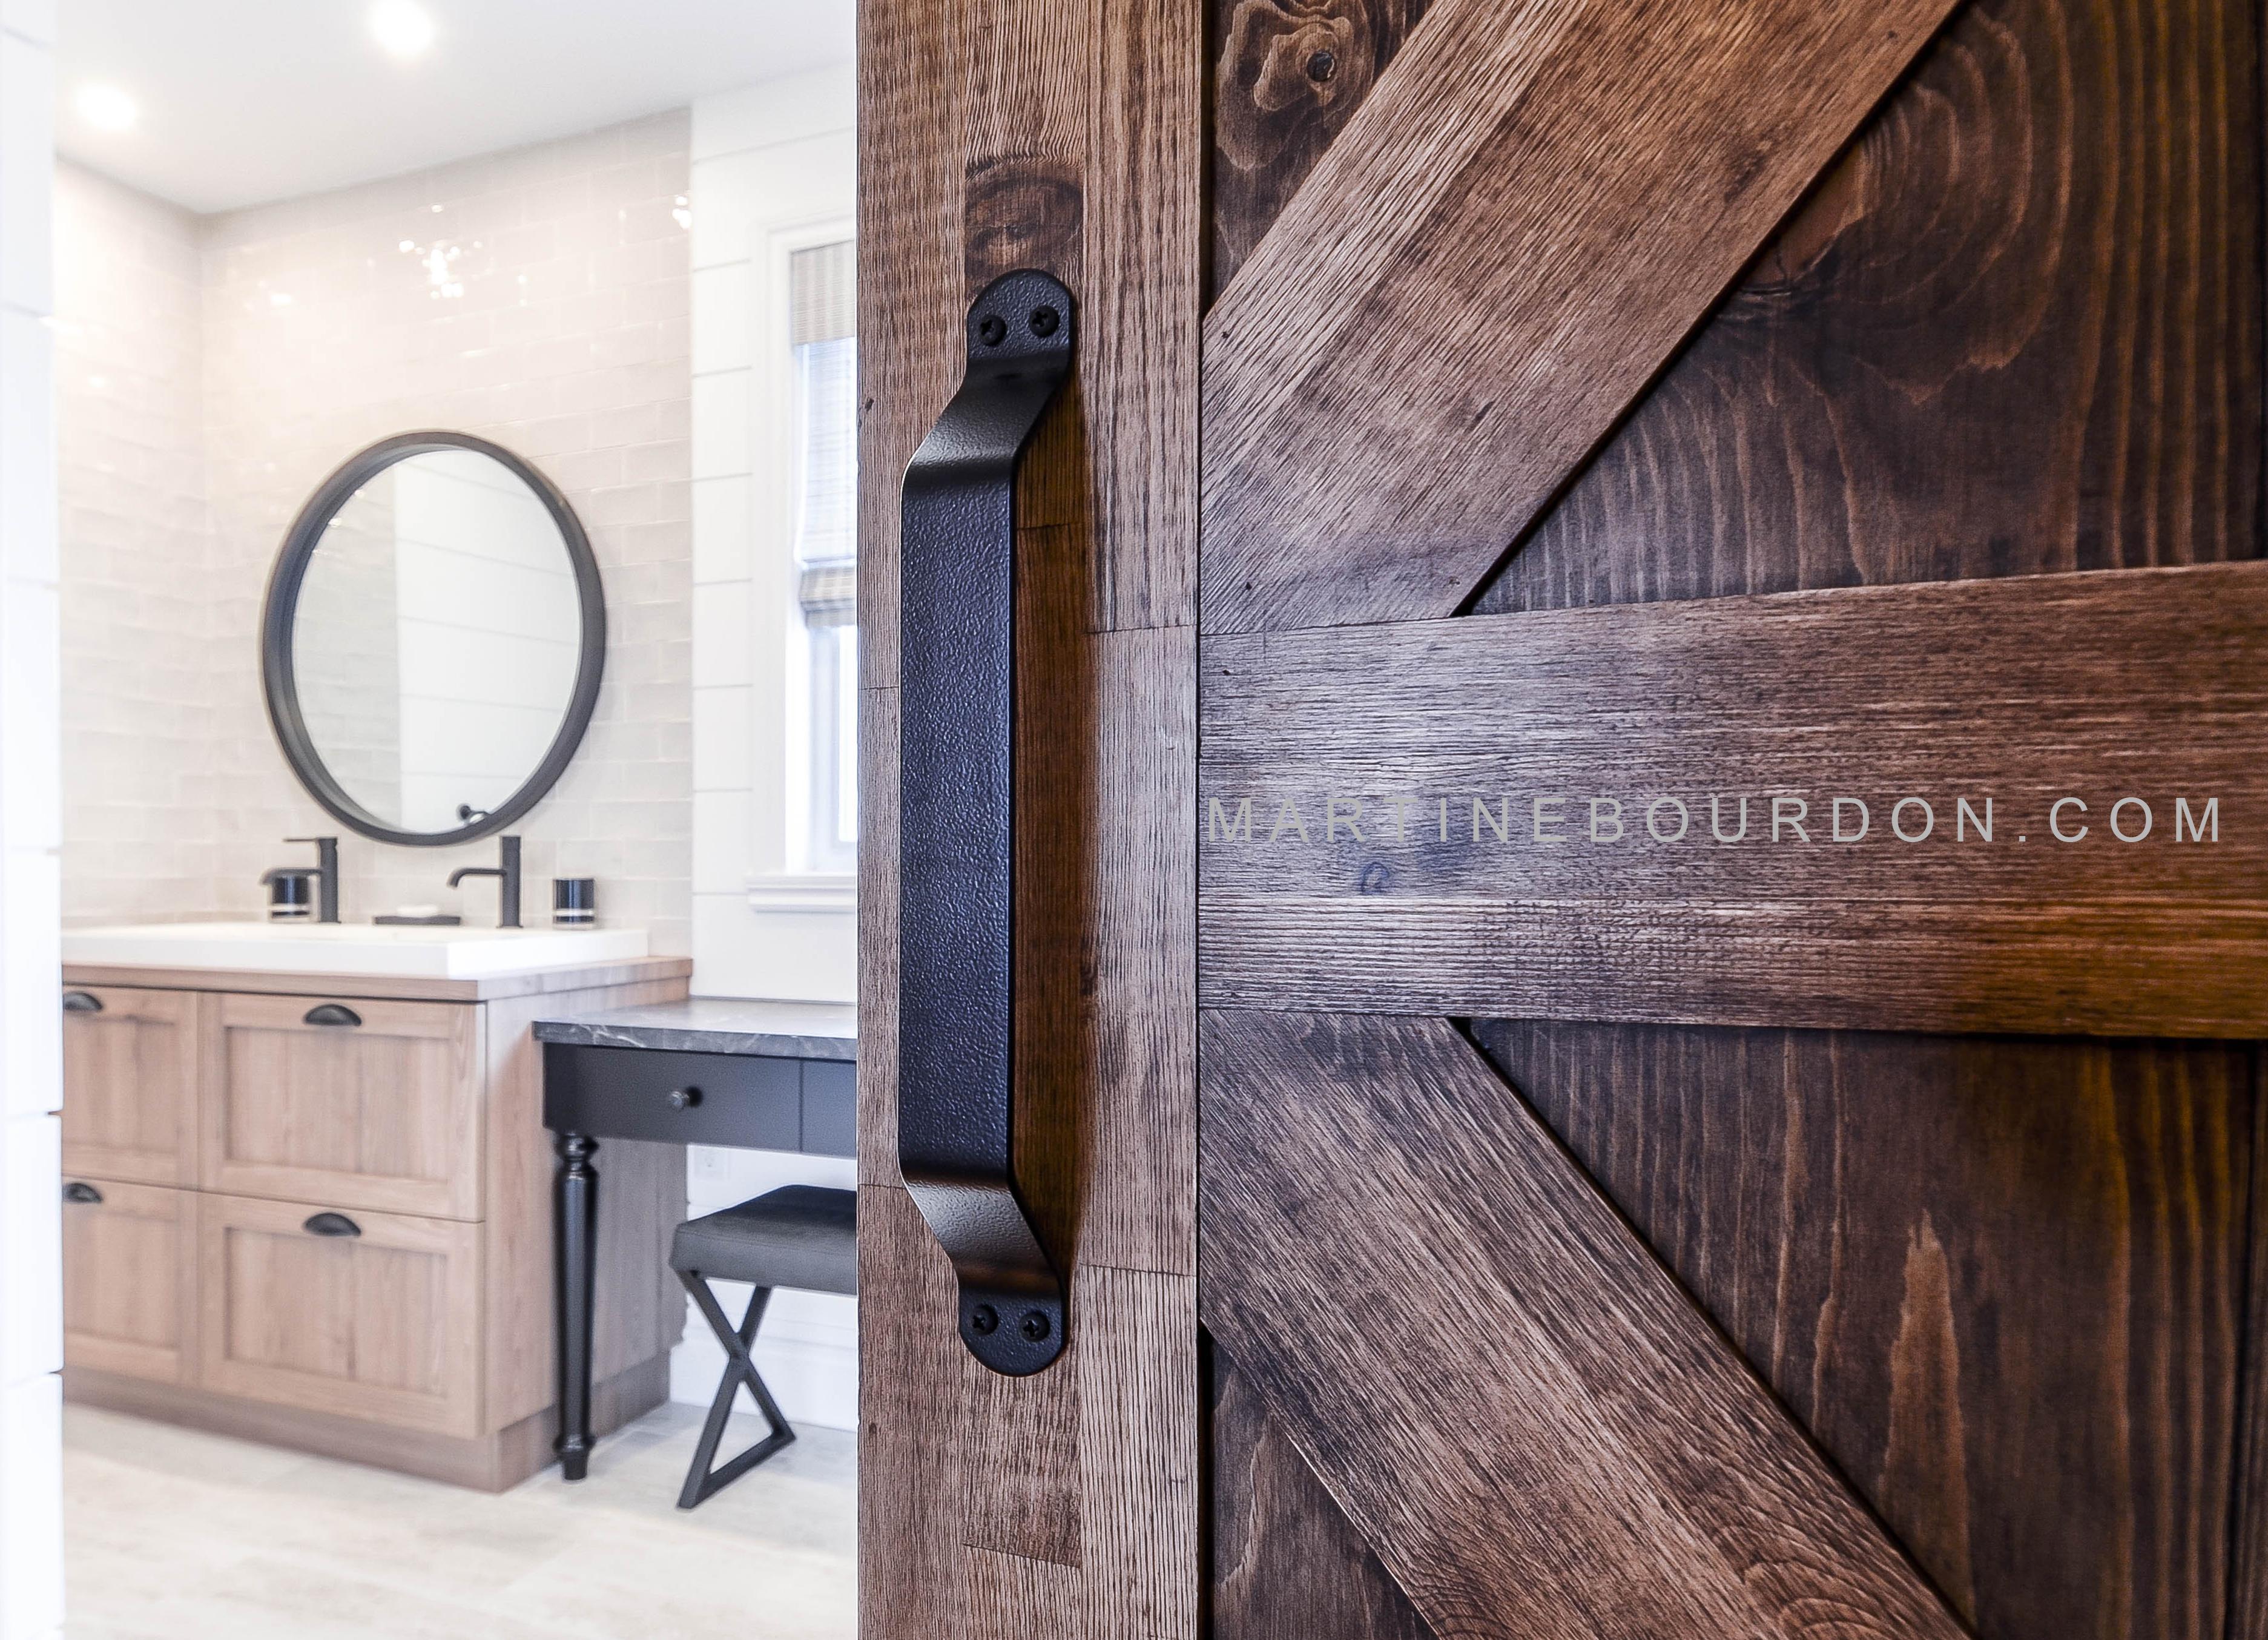 Comment Habiller Un Mur De Salle De Bain salle de bain rustique moderne -martine bourdonmartine